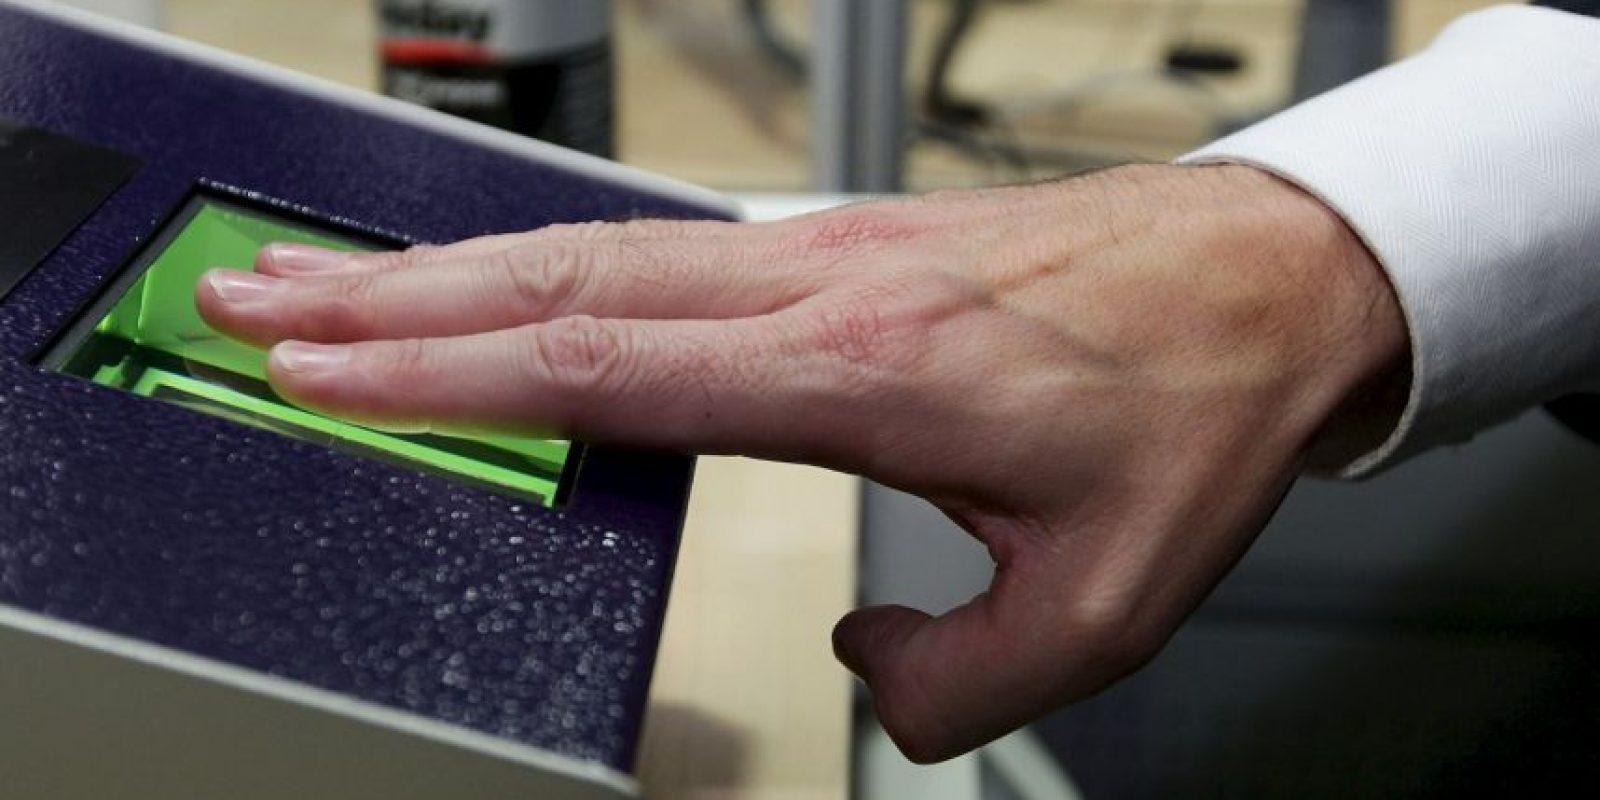 Actualmente desde aeropuertos hasta smartphones usan esta nueva tecnología. Foto:Getty Images